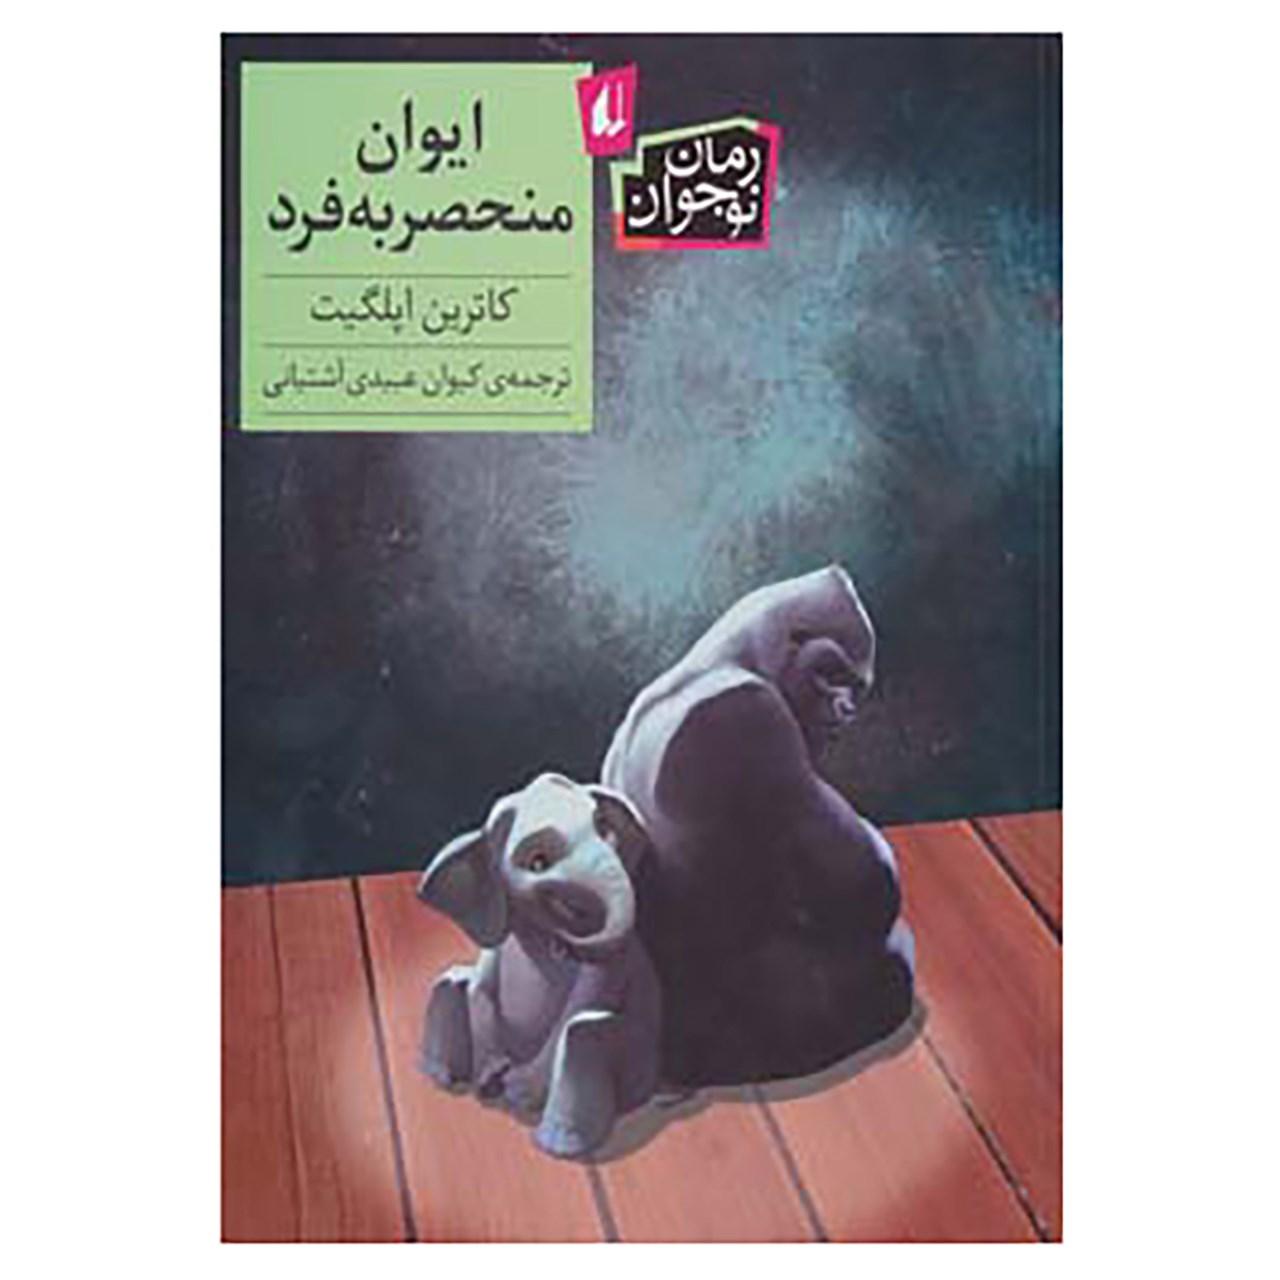 کتاب رمان نوجوان134 اثر کاترین اپلگیت